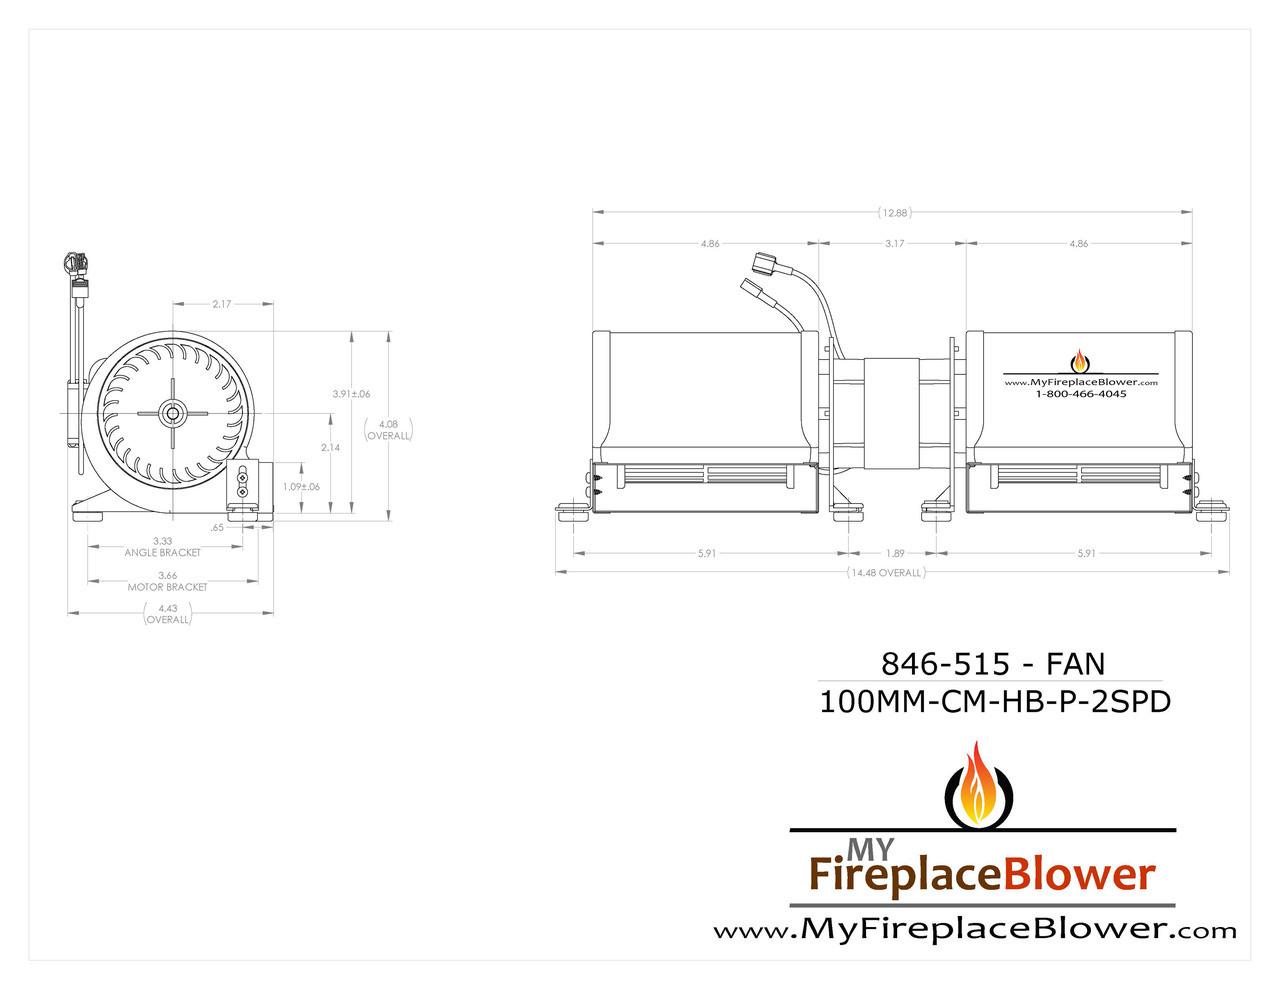 fan regency wood stove 910 157 p [ 1280 x 989 Pixel ]